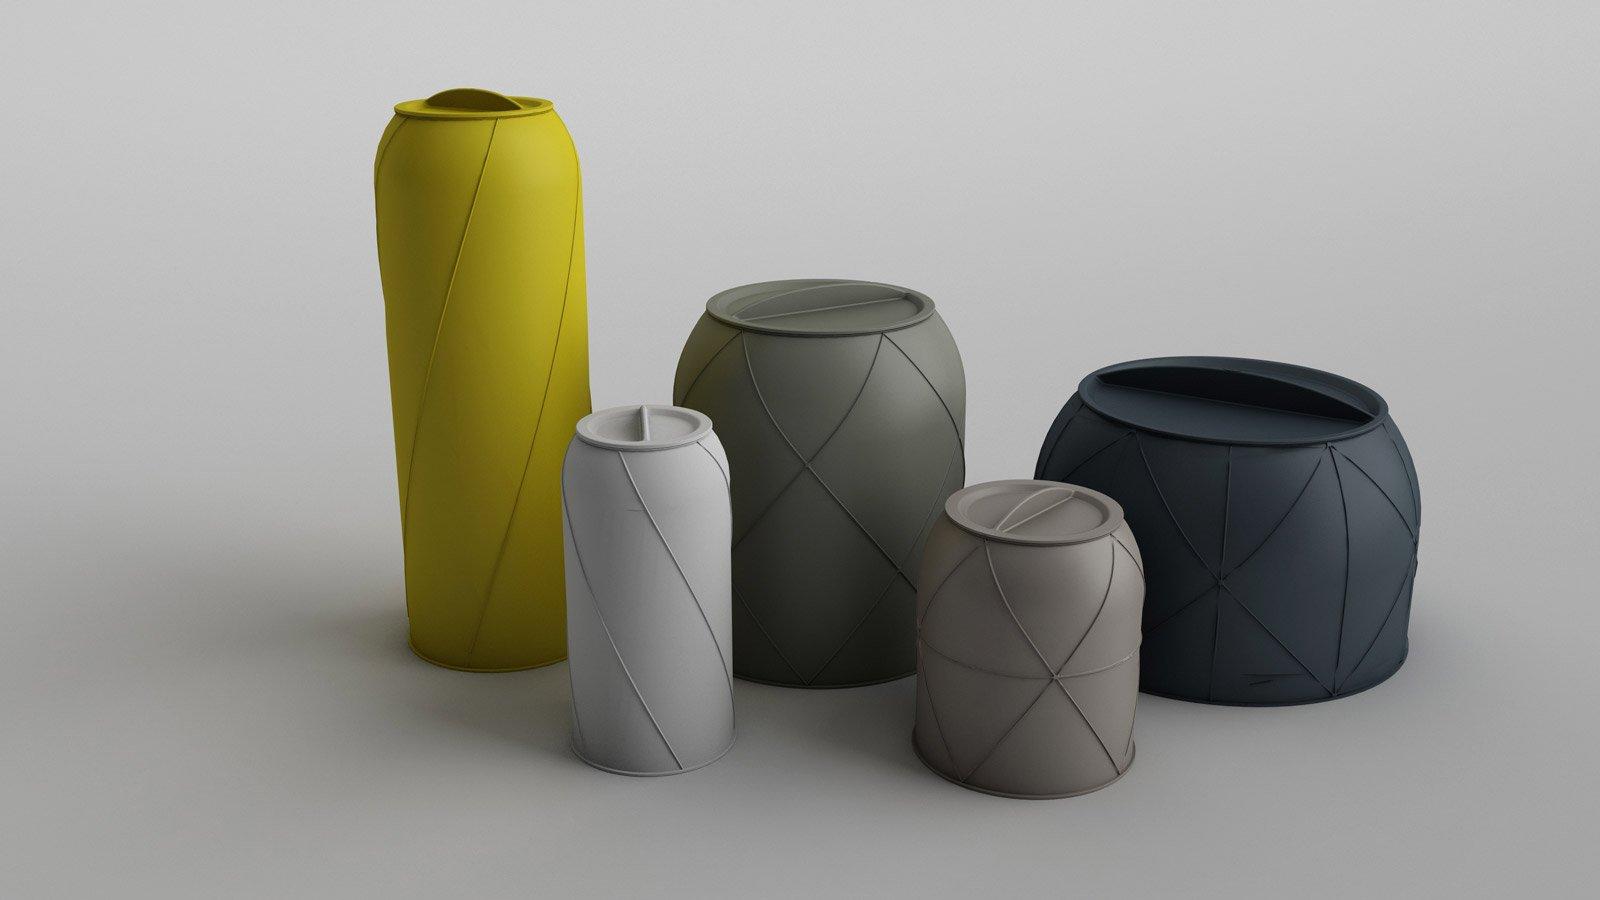 Canisters di Bitossi Ceramiche sono grandi vasi contenitore in ceramica bianca con colori matt e sono dotati di un coperchio; sono ottenuti per mezzo di una lavorazione a colaggio e di stampi in gesso che rendono la superficie piacevolmente grezza. www.bitossiceramiche.it